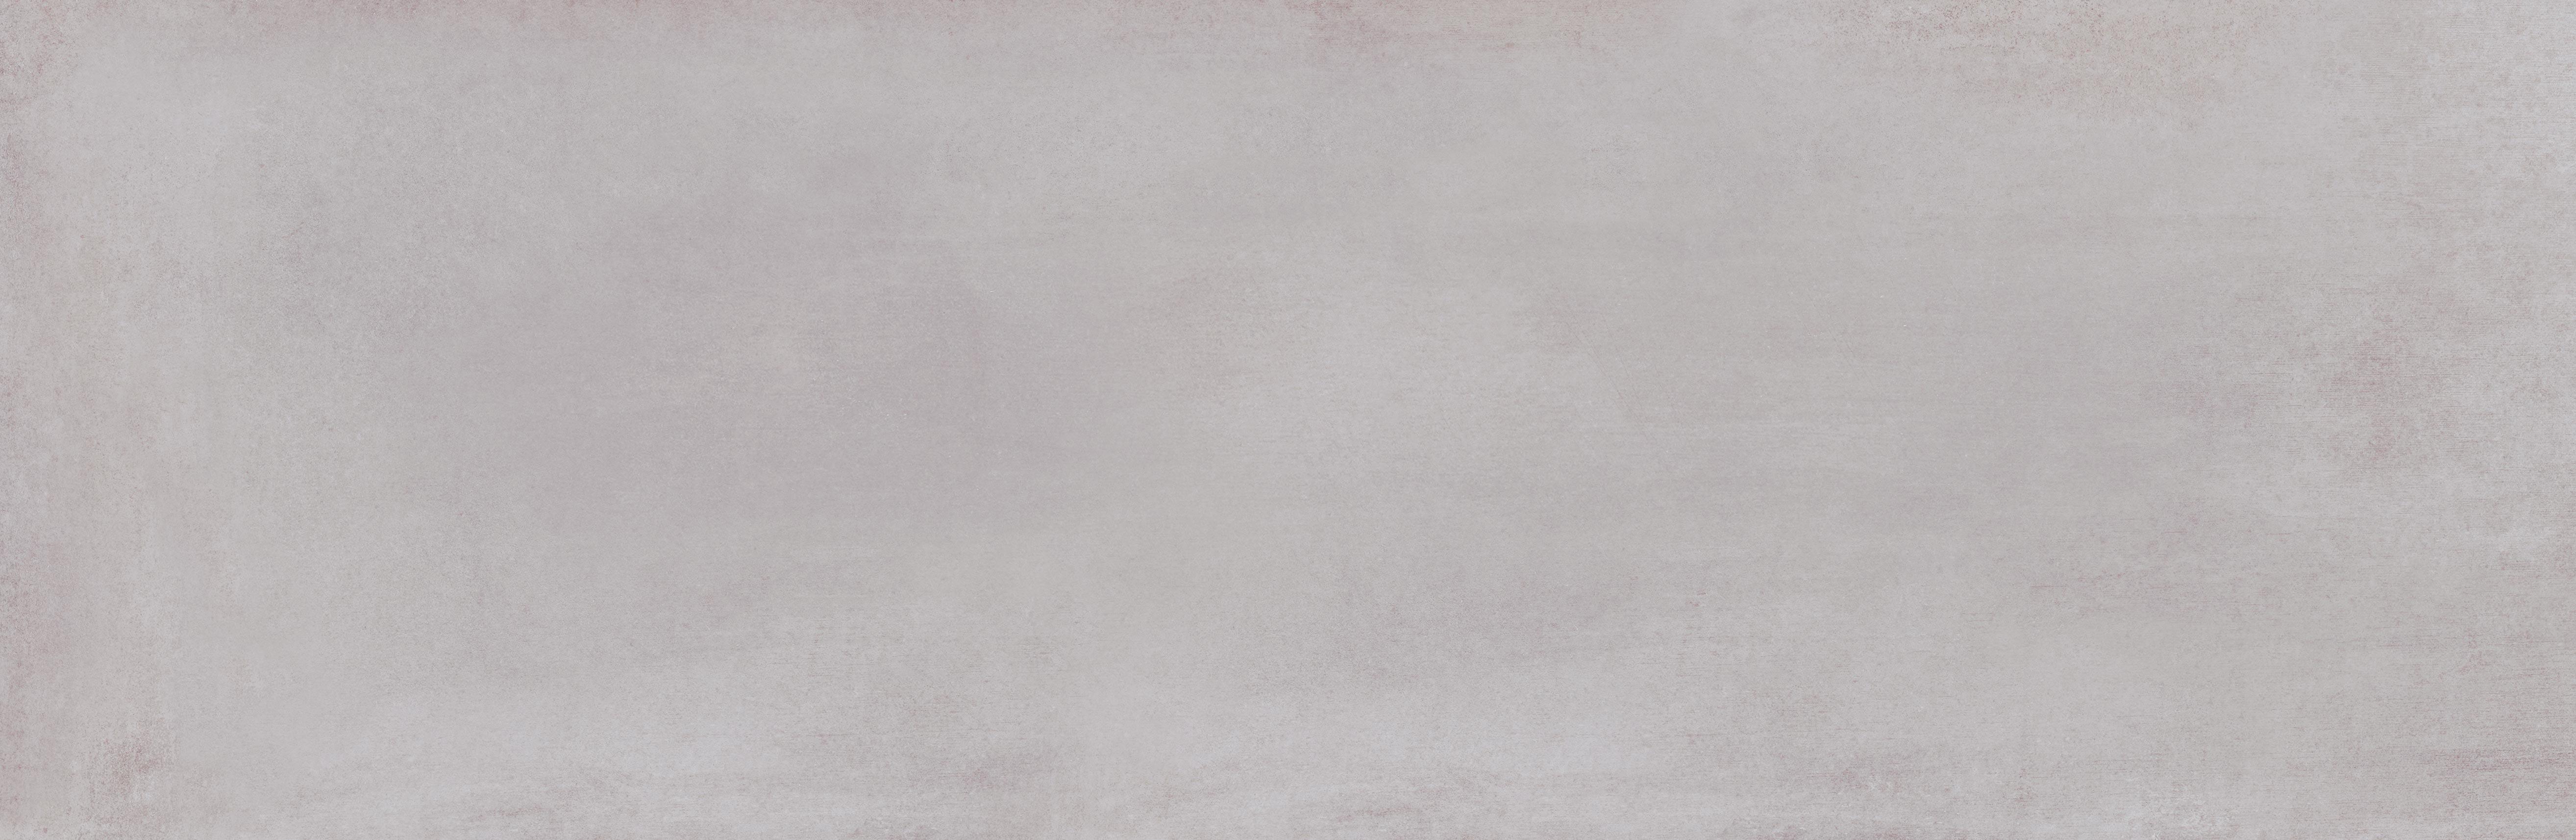 Купить Керамическая плитка Mei Sandy Island серый (O-SAC-WTA091) настенная 29x89, Россия